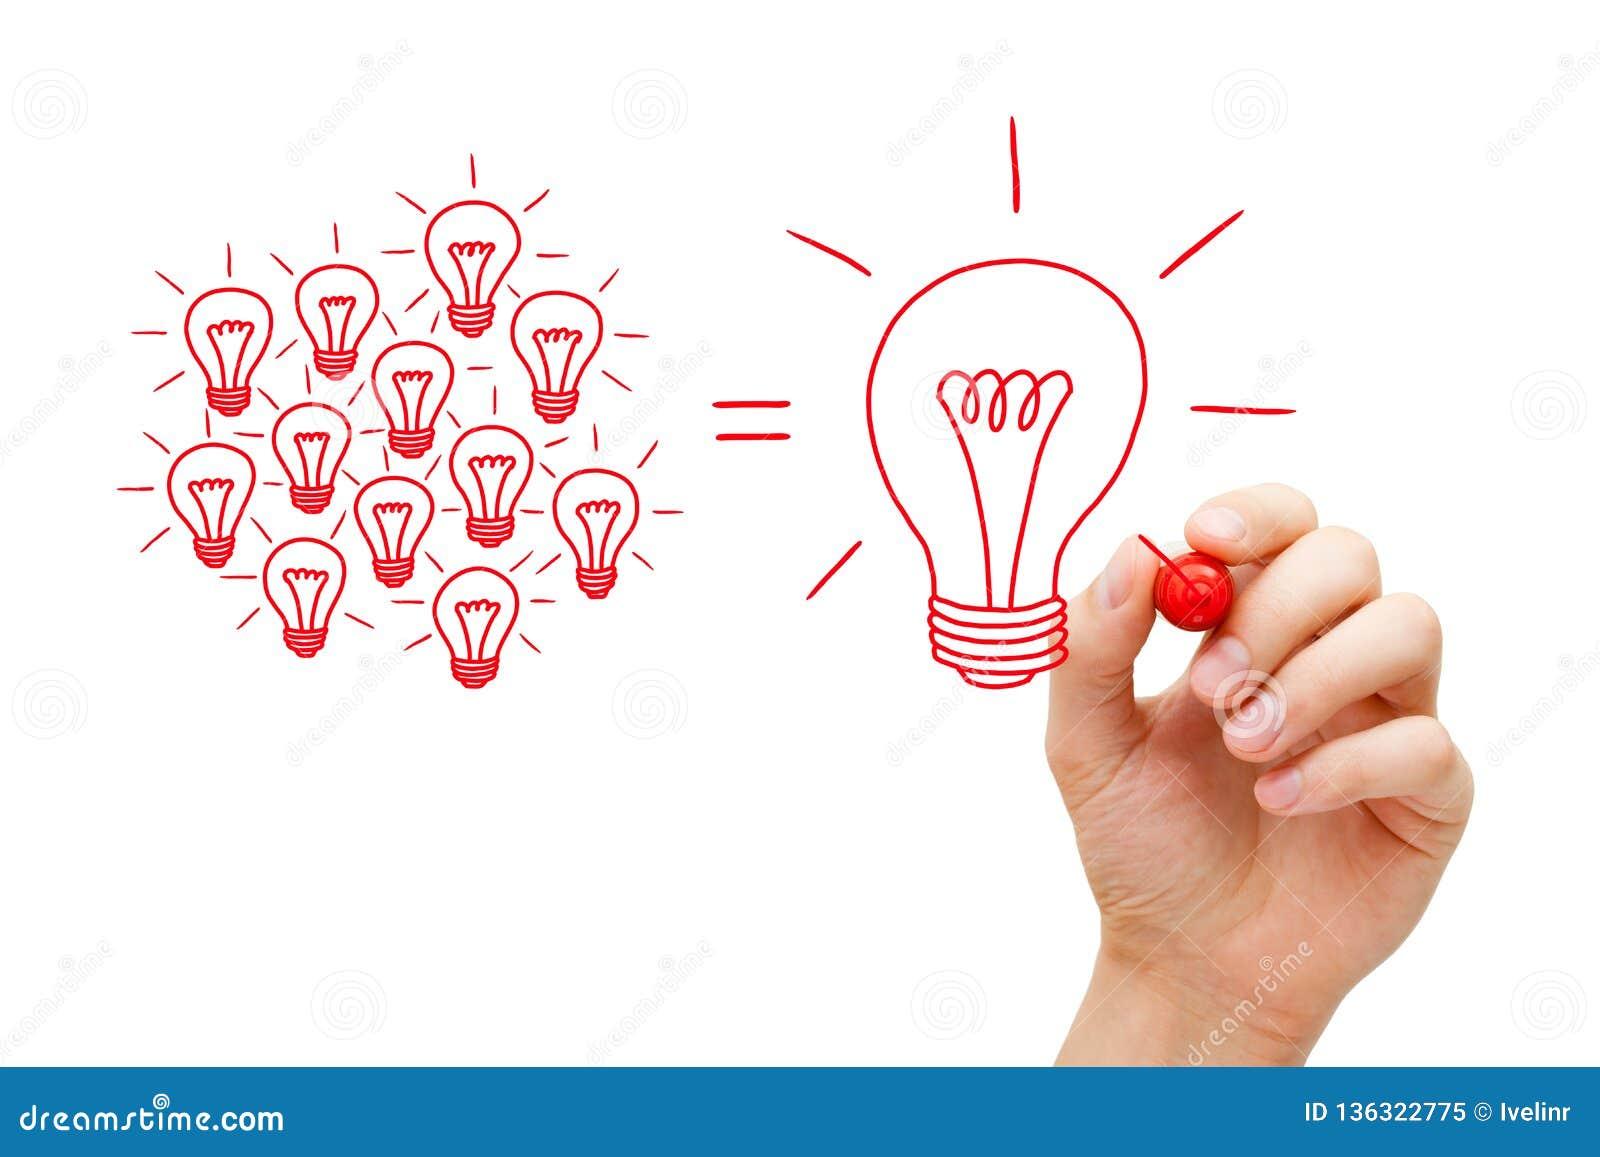 Team Working On Idea Light Bulbs Concept